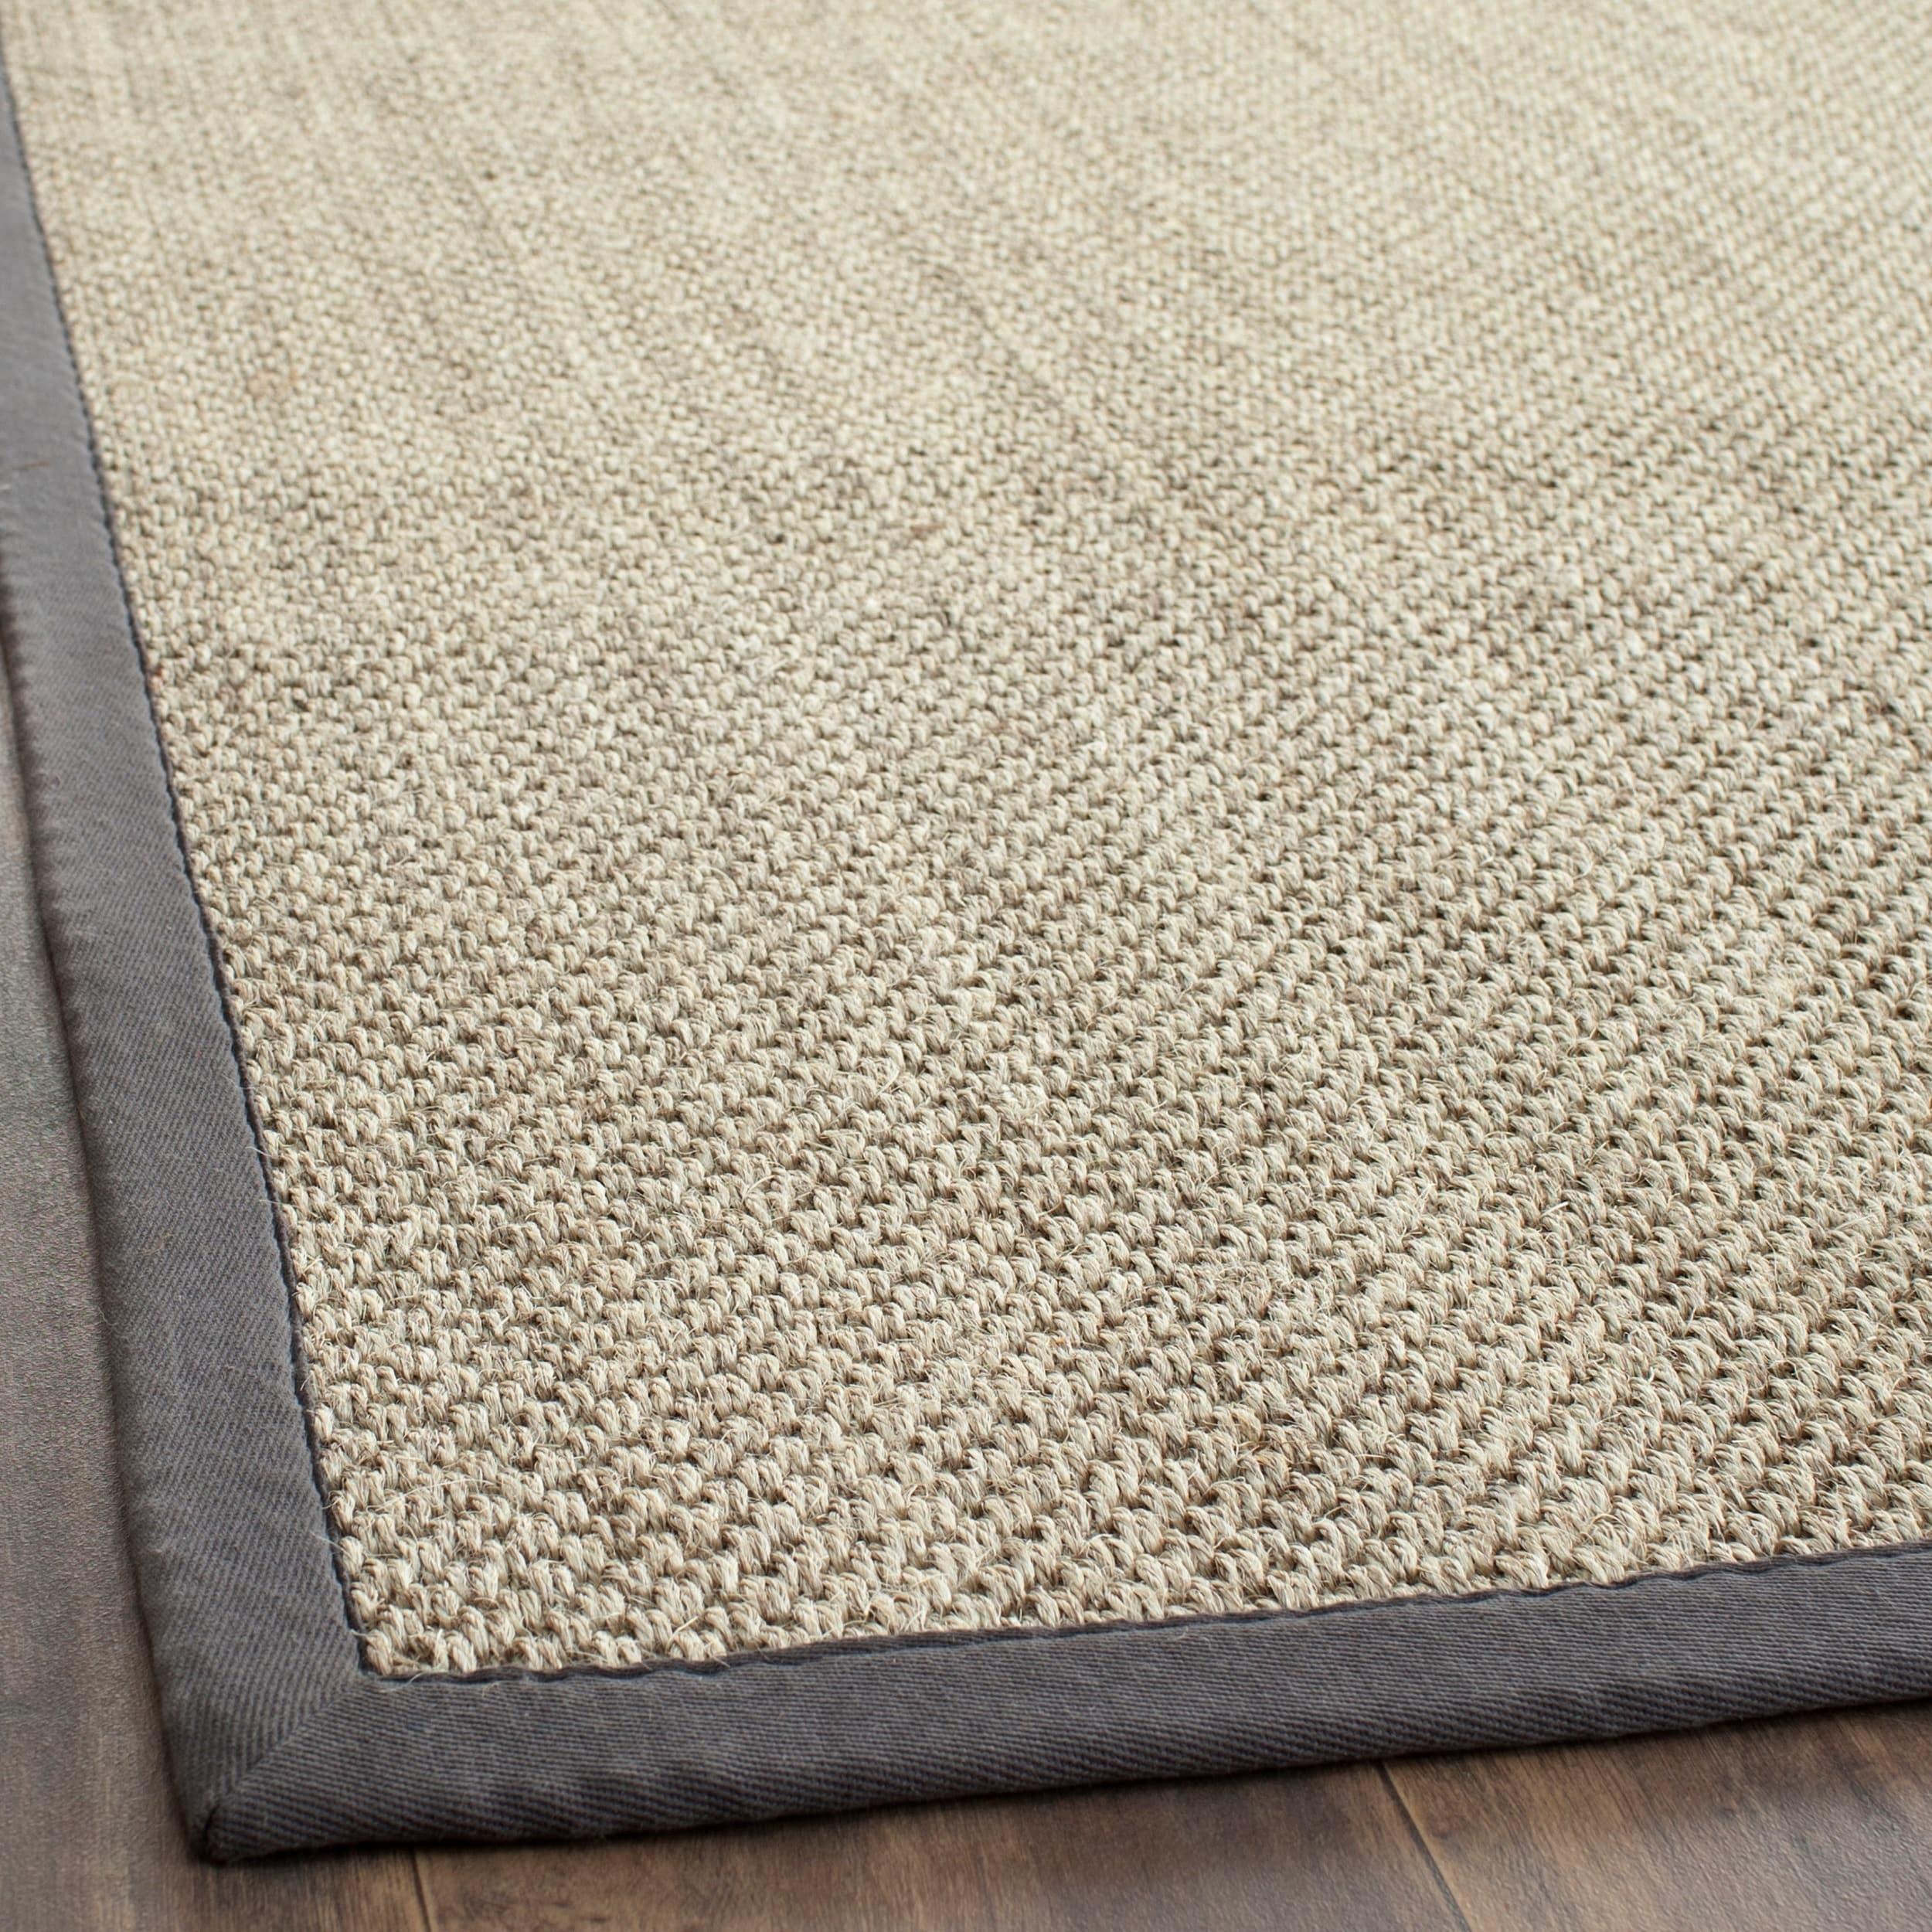 custom runner carpet sylt sisal available mat rug also treads stair customised grey sizes mats